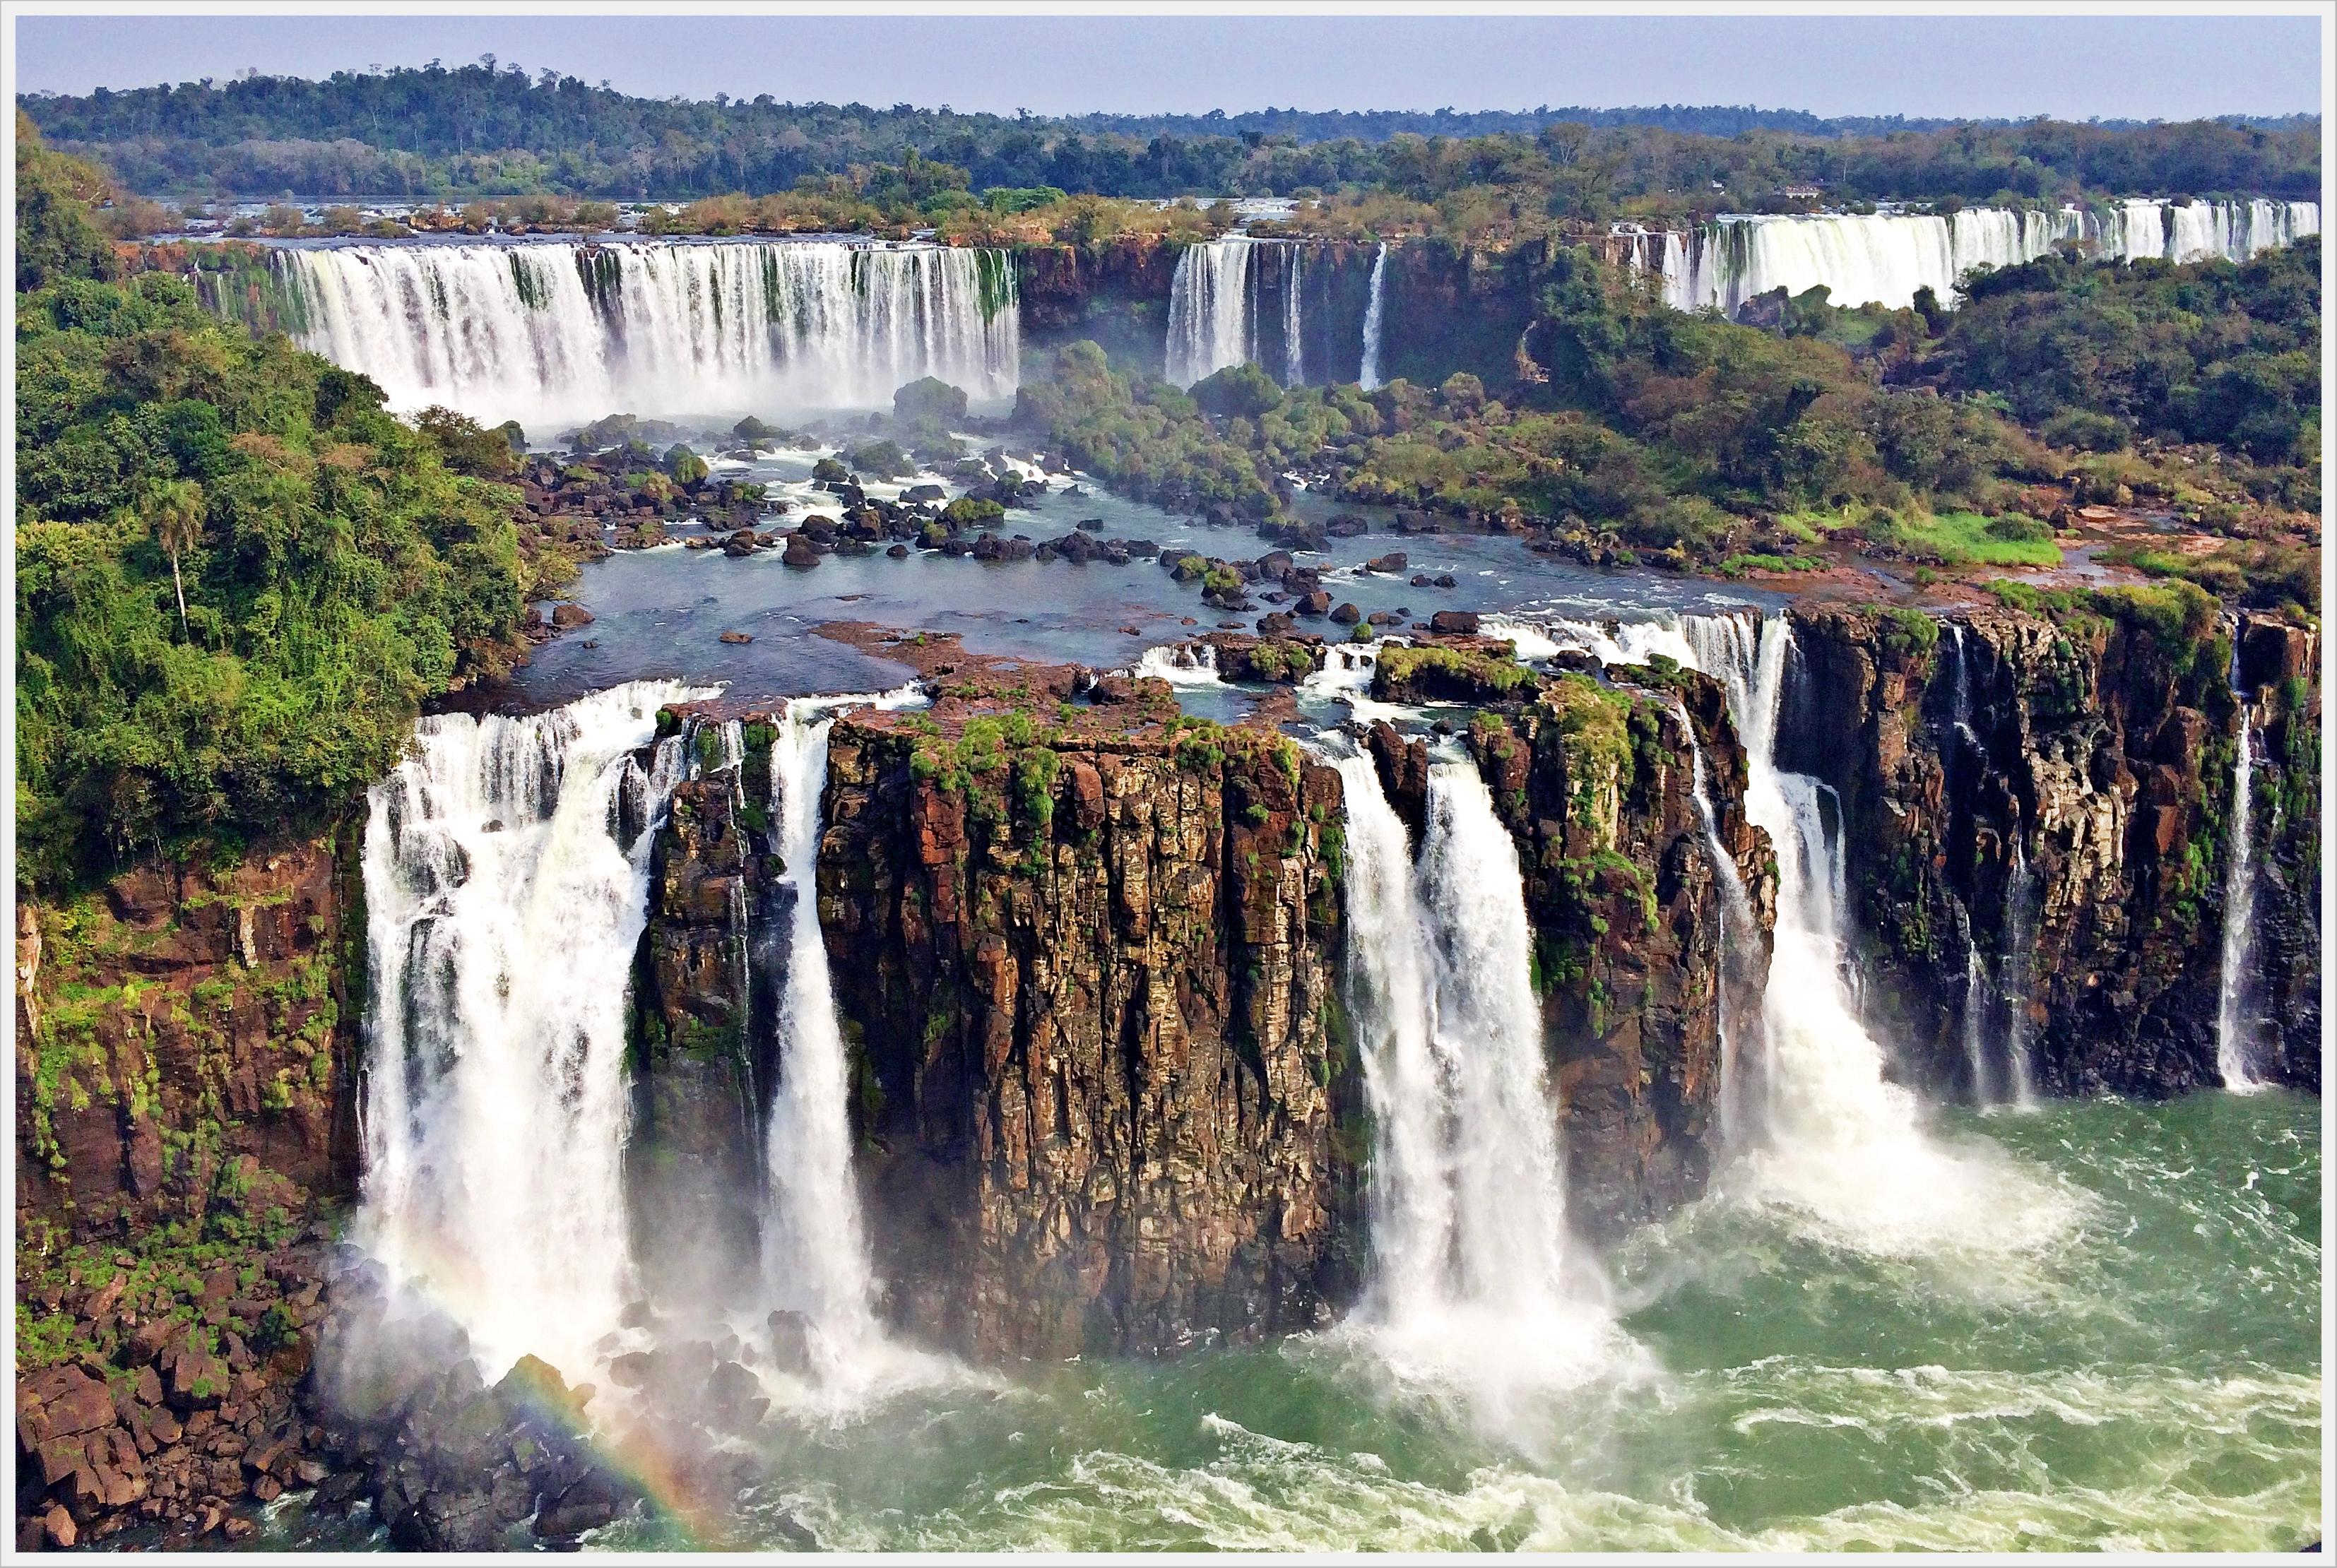 2016 - Iguazu Falls (Brazil)